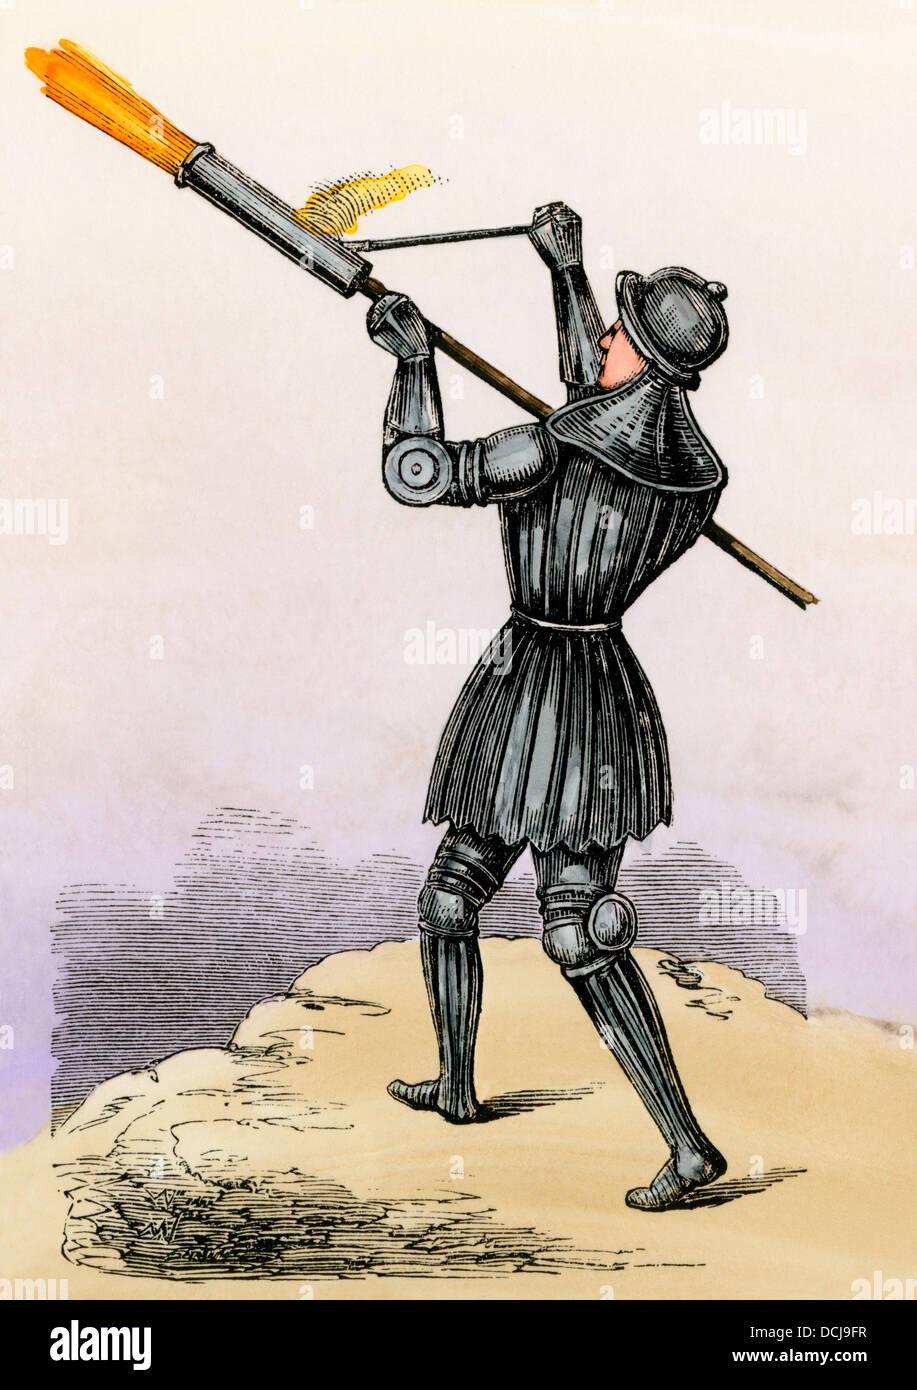 Bombardear a mano, un cañón de mano de los 1400s, posiblemente la primera arma de fuego portátil. Imagen De Stock